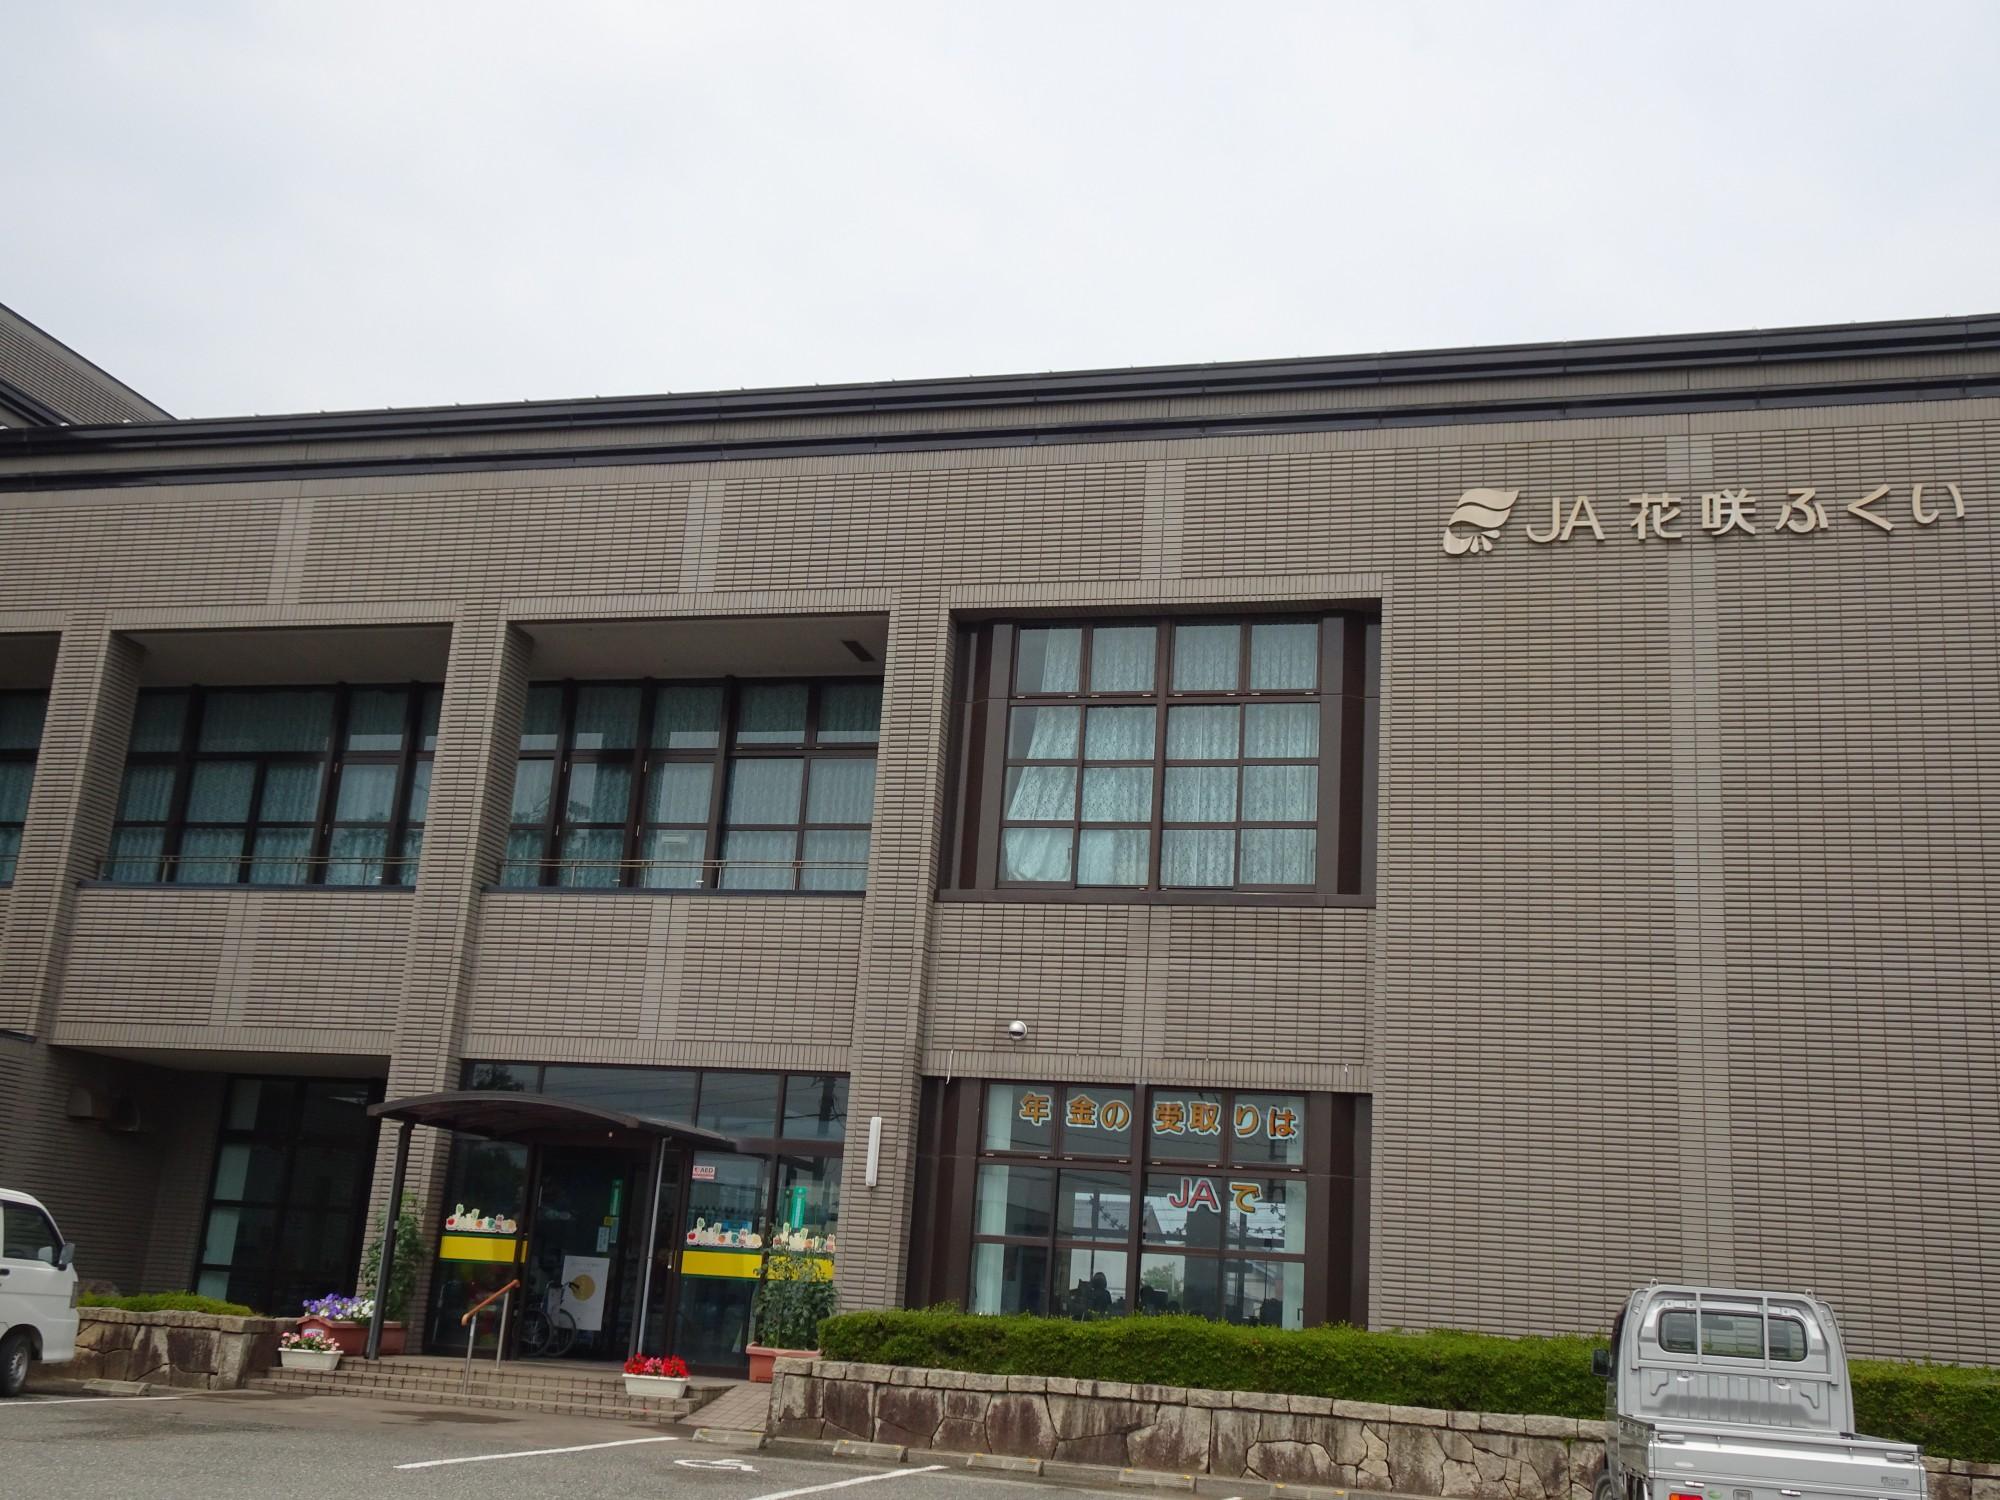 花咲ふくい農業協同組合芦原基幹支店